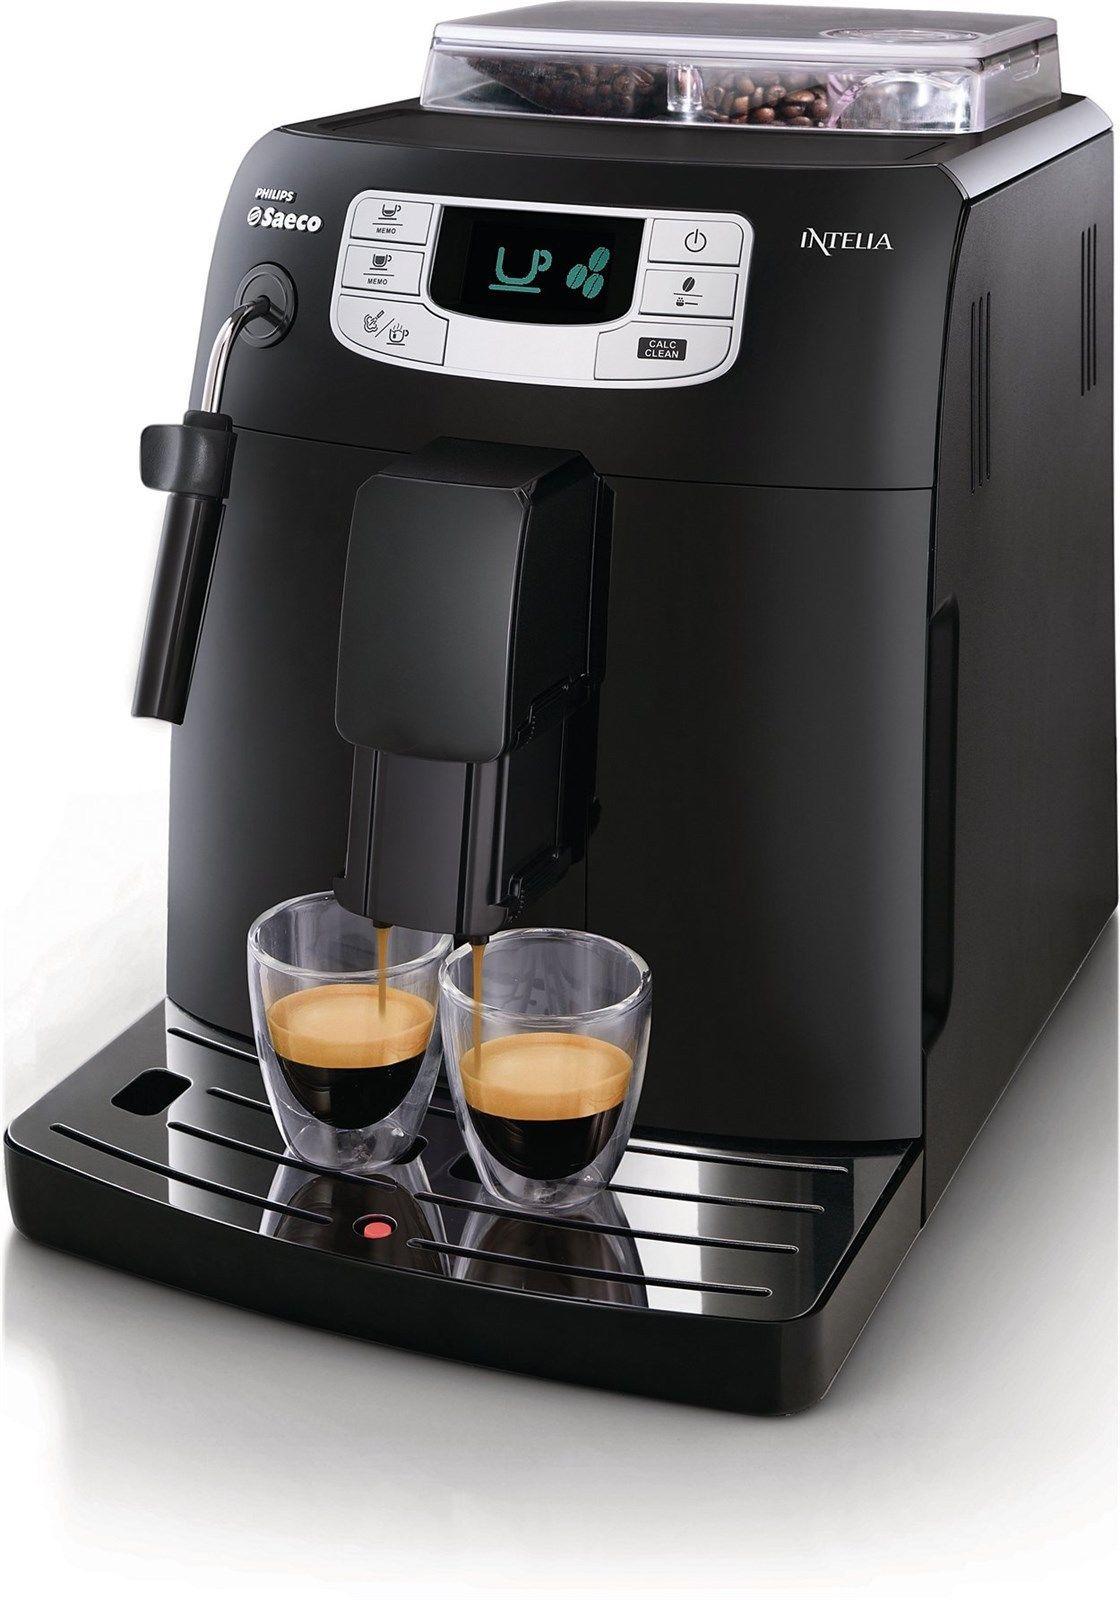 Philips Saeco Intelia Focus SuperAutomatic Espresso